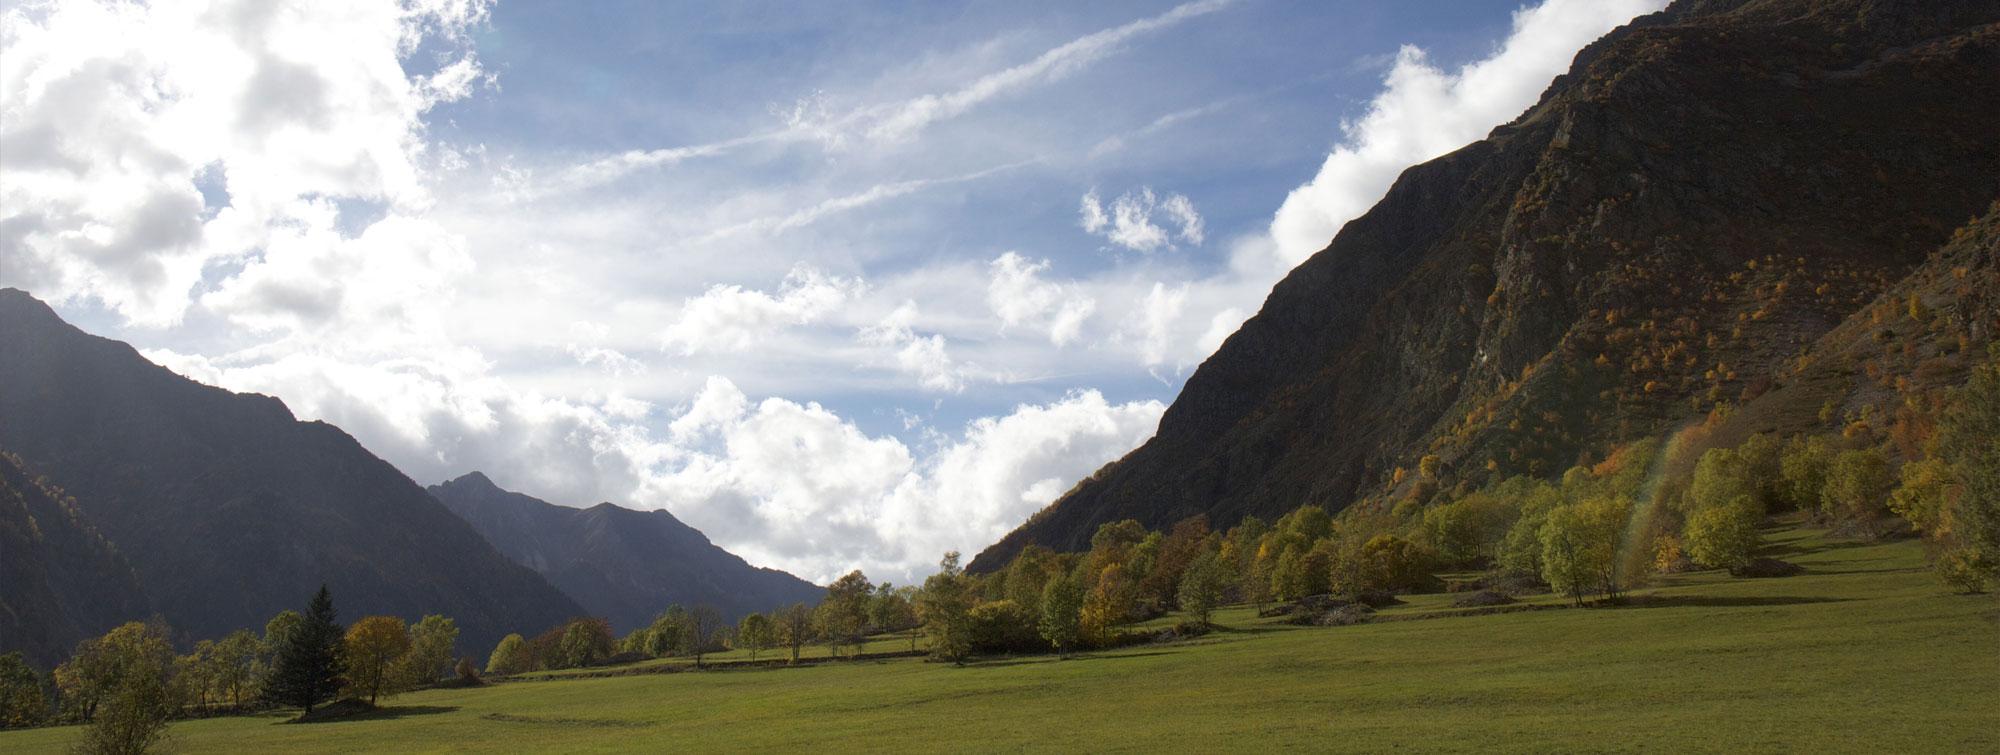 Valjouffrey dans le Valbonnais paysage de montagne en automne